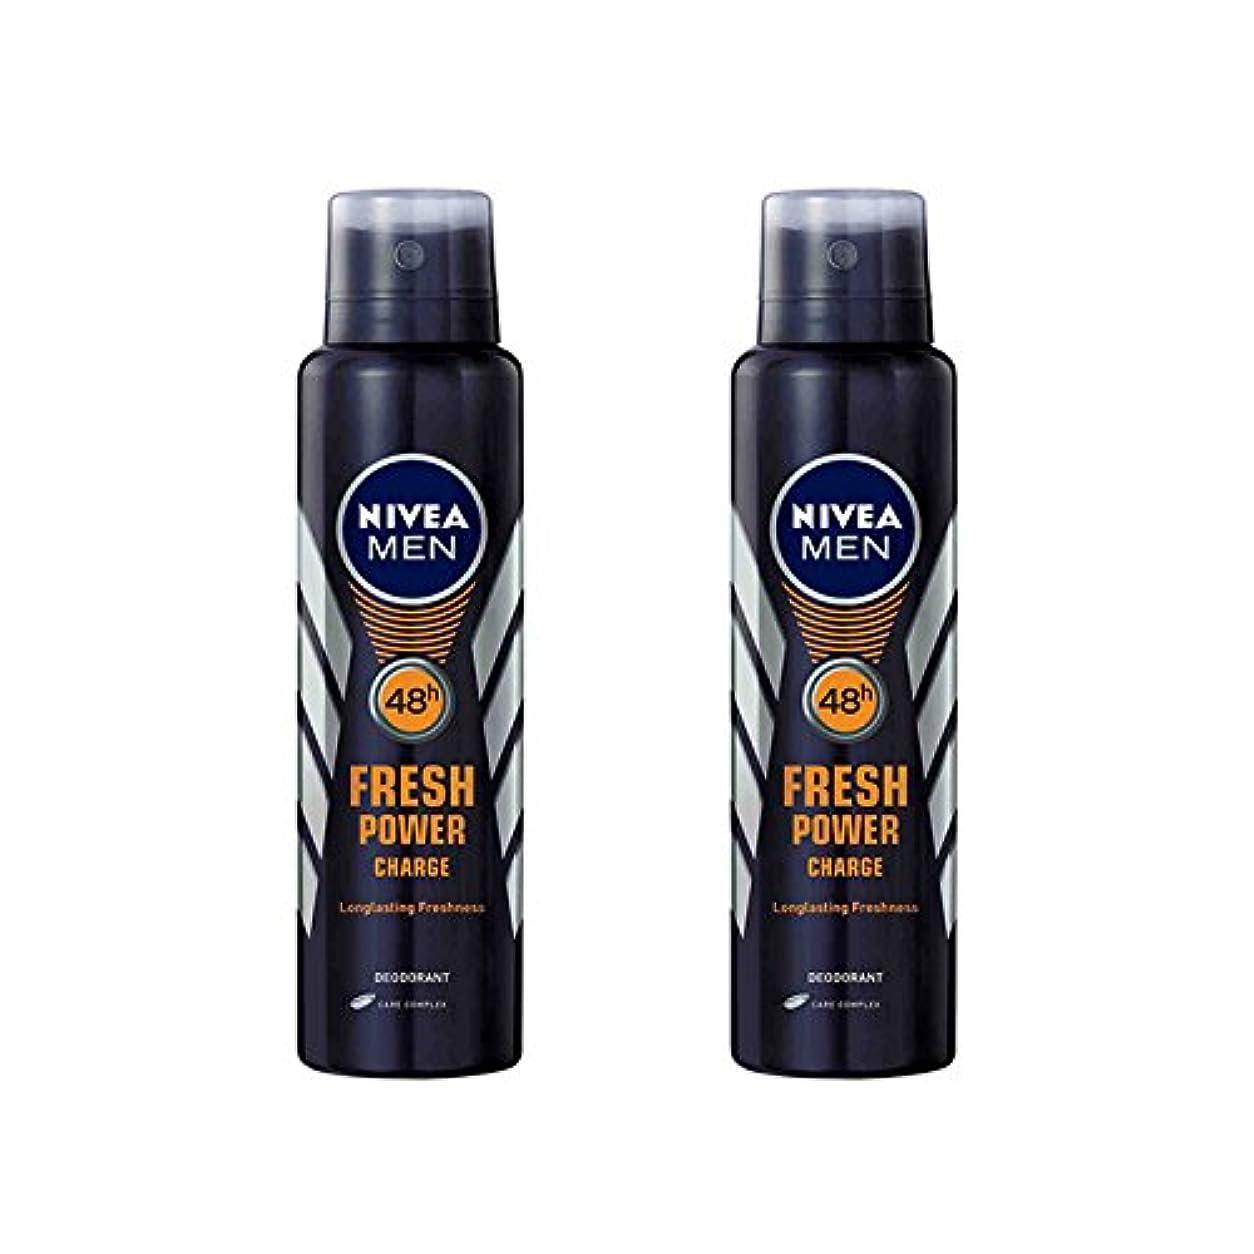 メンバー採用インストラクター2 Lots X Nivea Male Deodorant Fresh Power Charge, 150ml - 並行輸入品 - 2ロットXニベア男性デオドラントフレッシュパワーチャージ、150ml